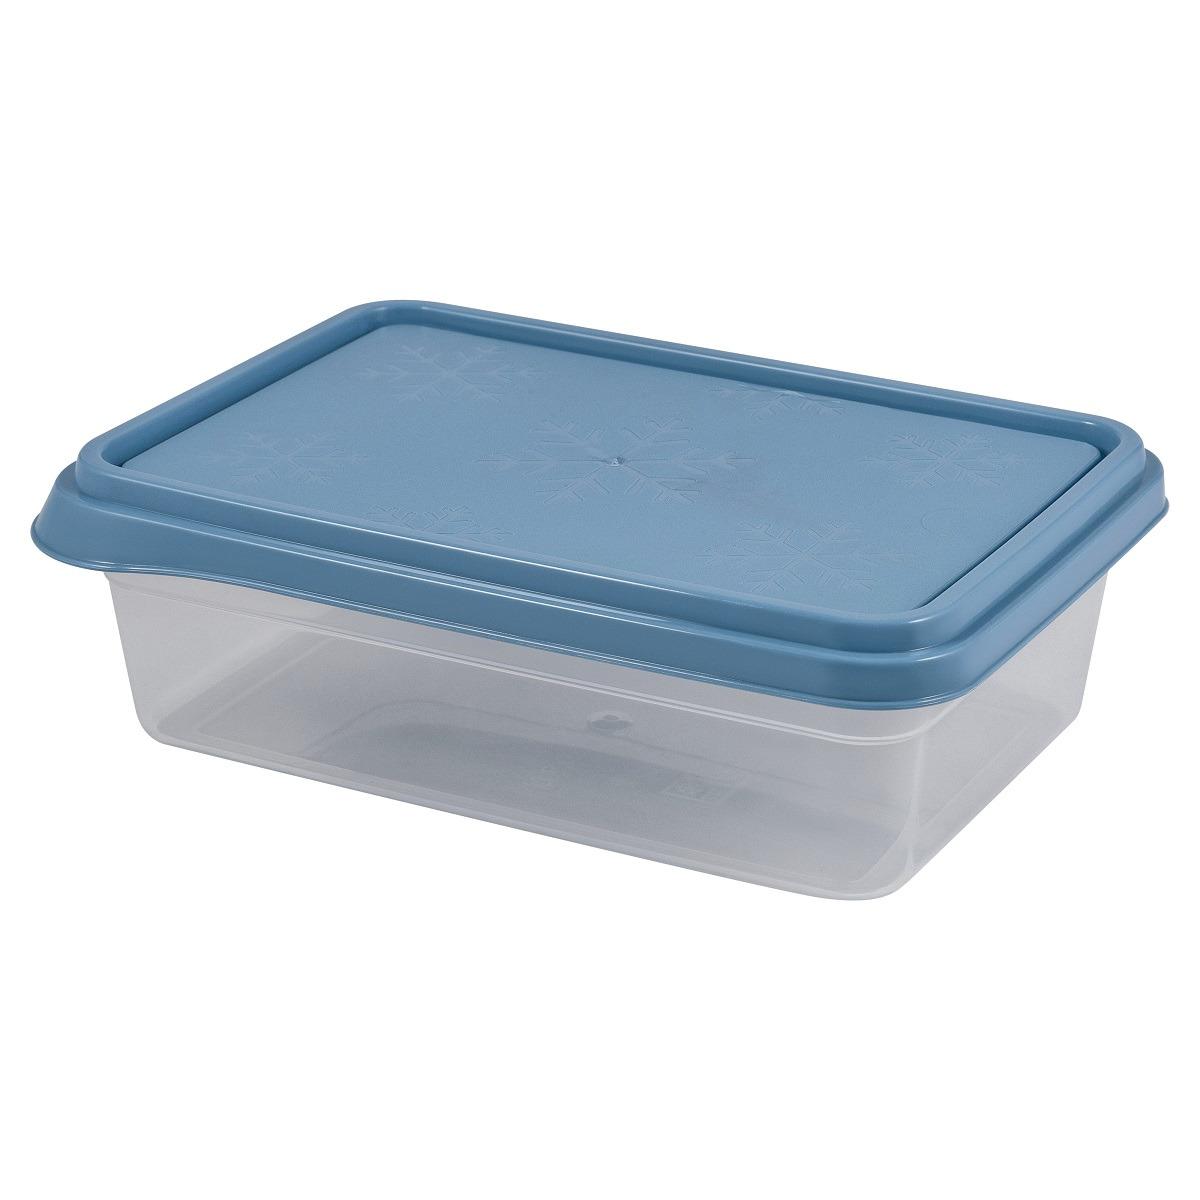 Контейнер пищевой Plast Team Bergen, PT1135-30, туманно-голубой, 400 мл цена 2017